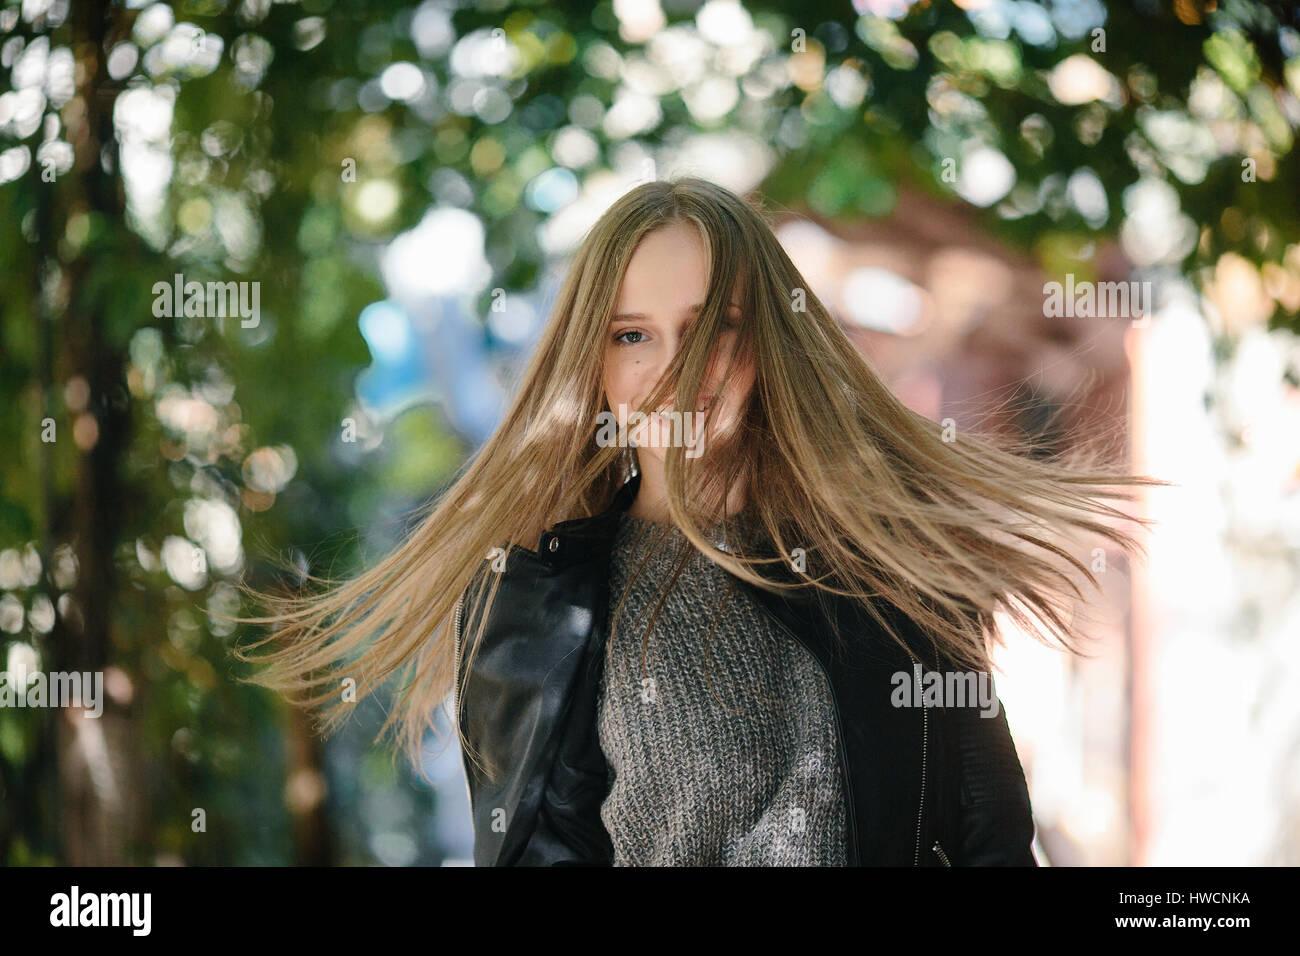 Moda ragazza in posa sulla strada Immagini Stock